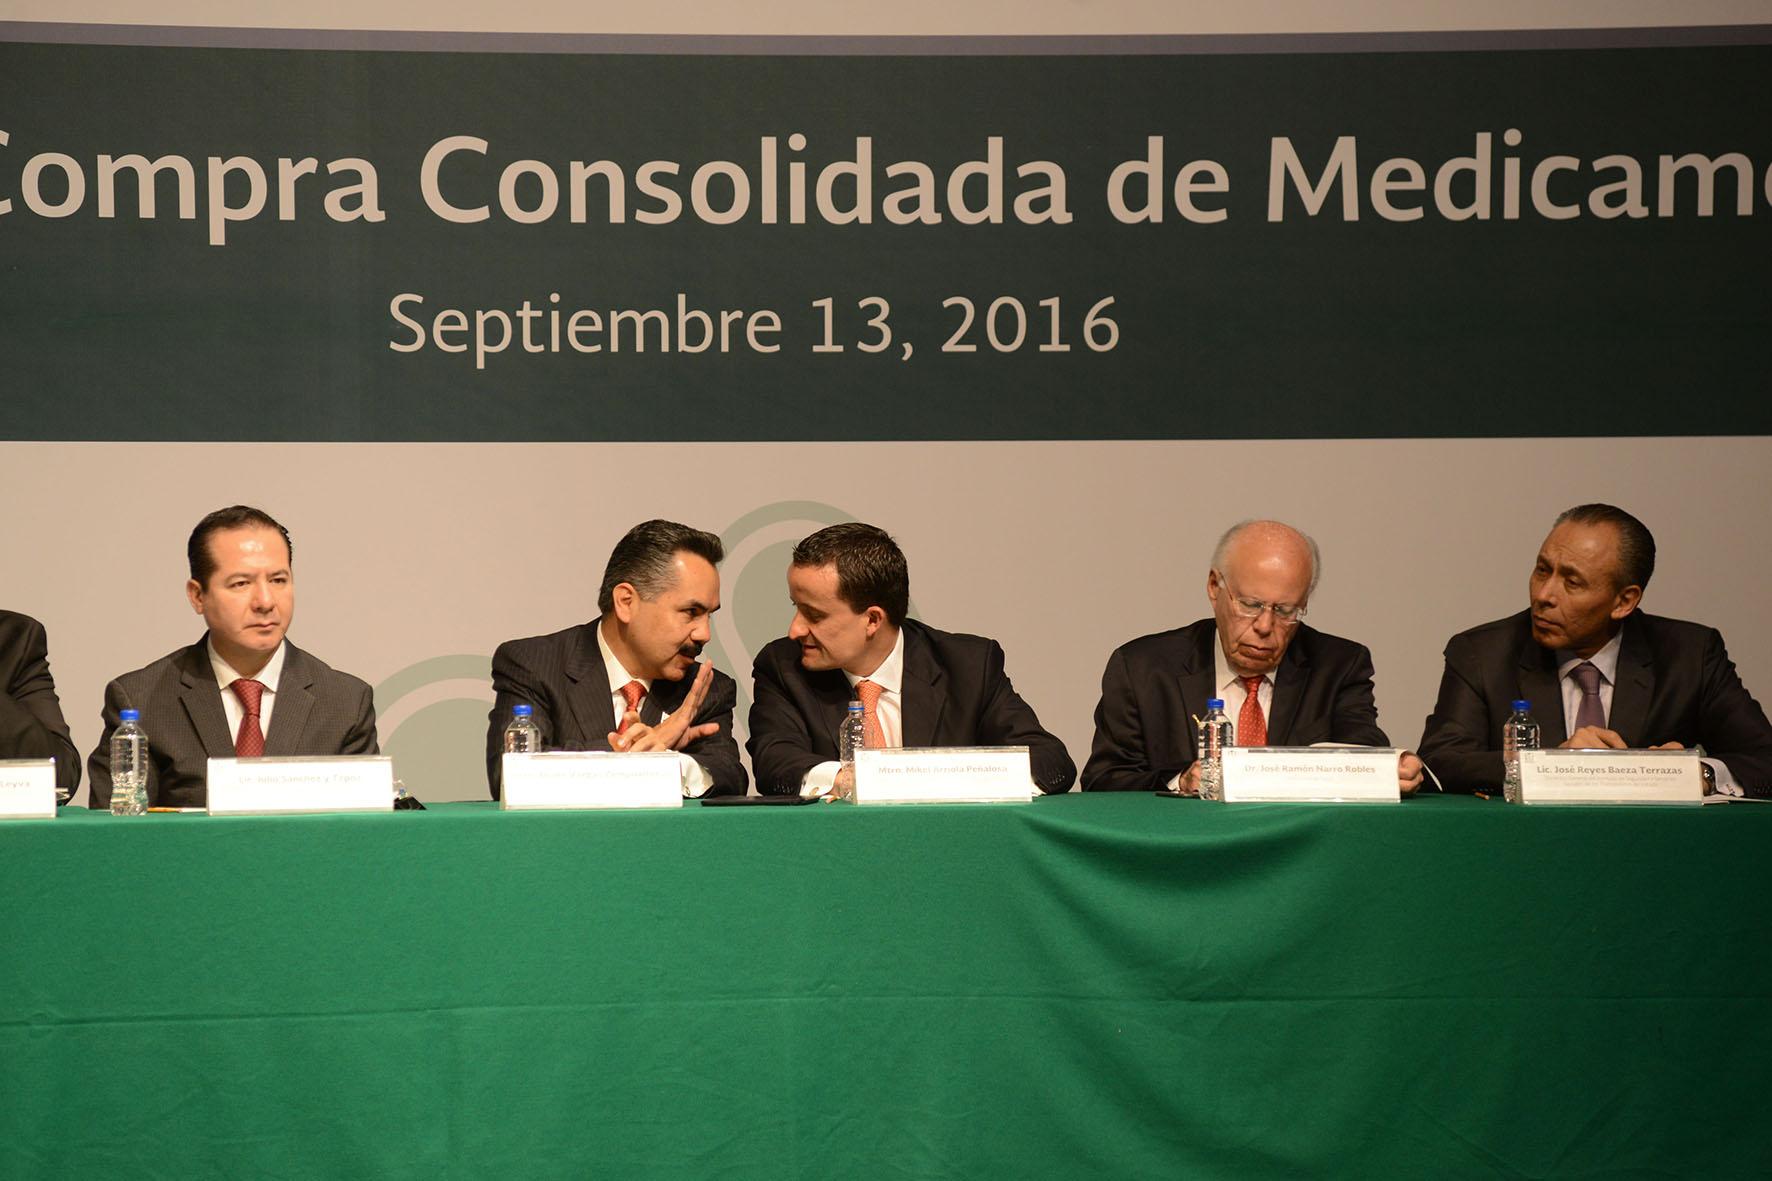 El Gobierno de México inicia licitaciones para la Compra Consolidada de Medicamentos por casi 50,000 millones de pesos